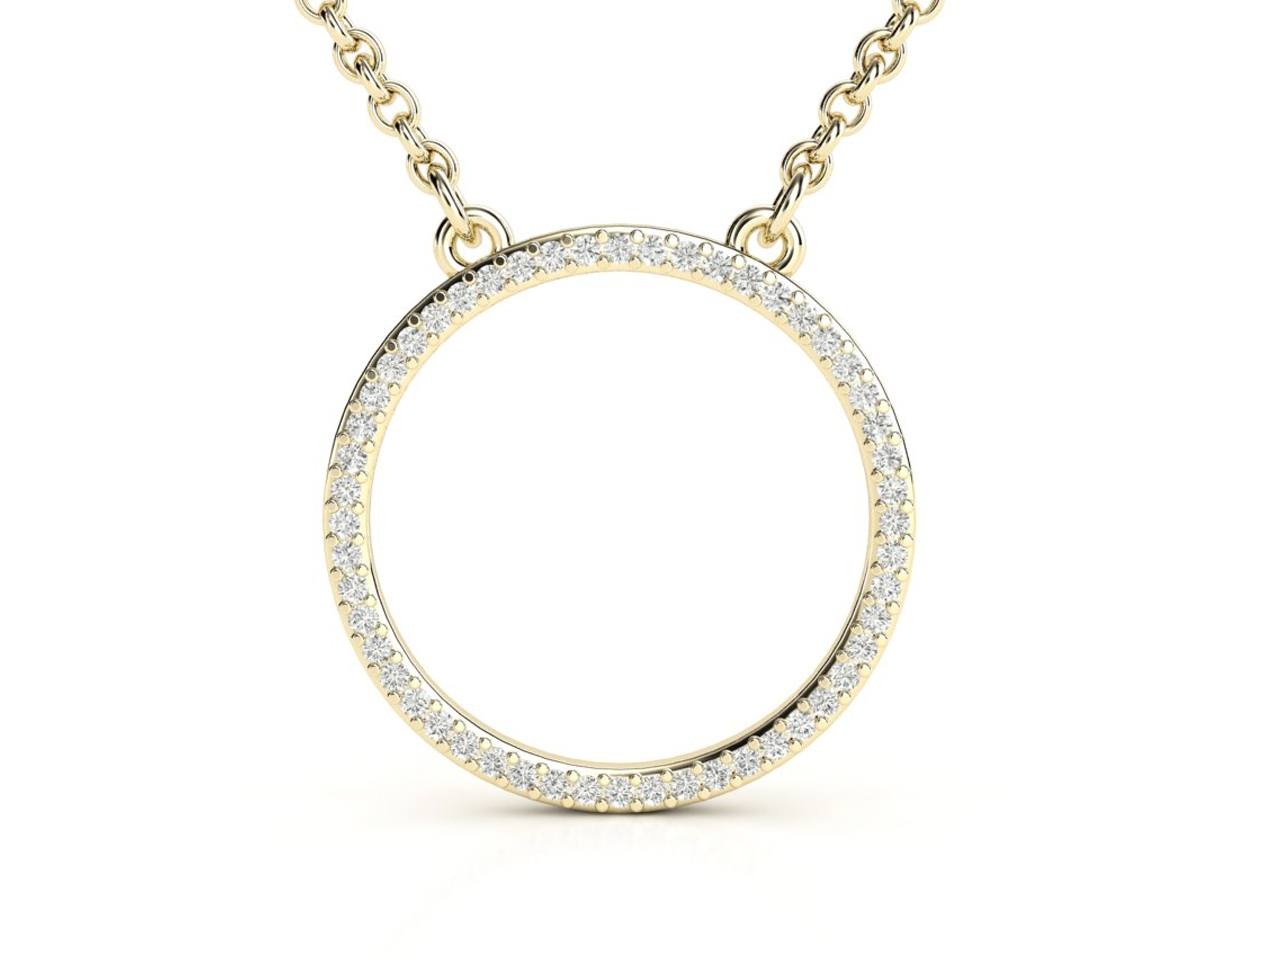 תליון יהלומים זהב צהוב בעיצוב עיגול עדין